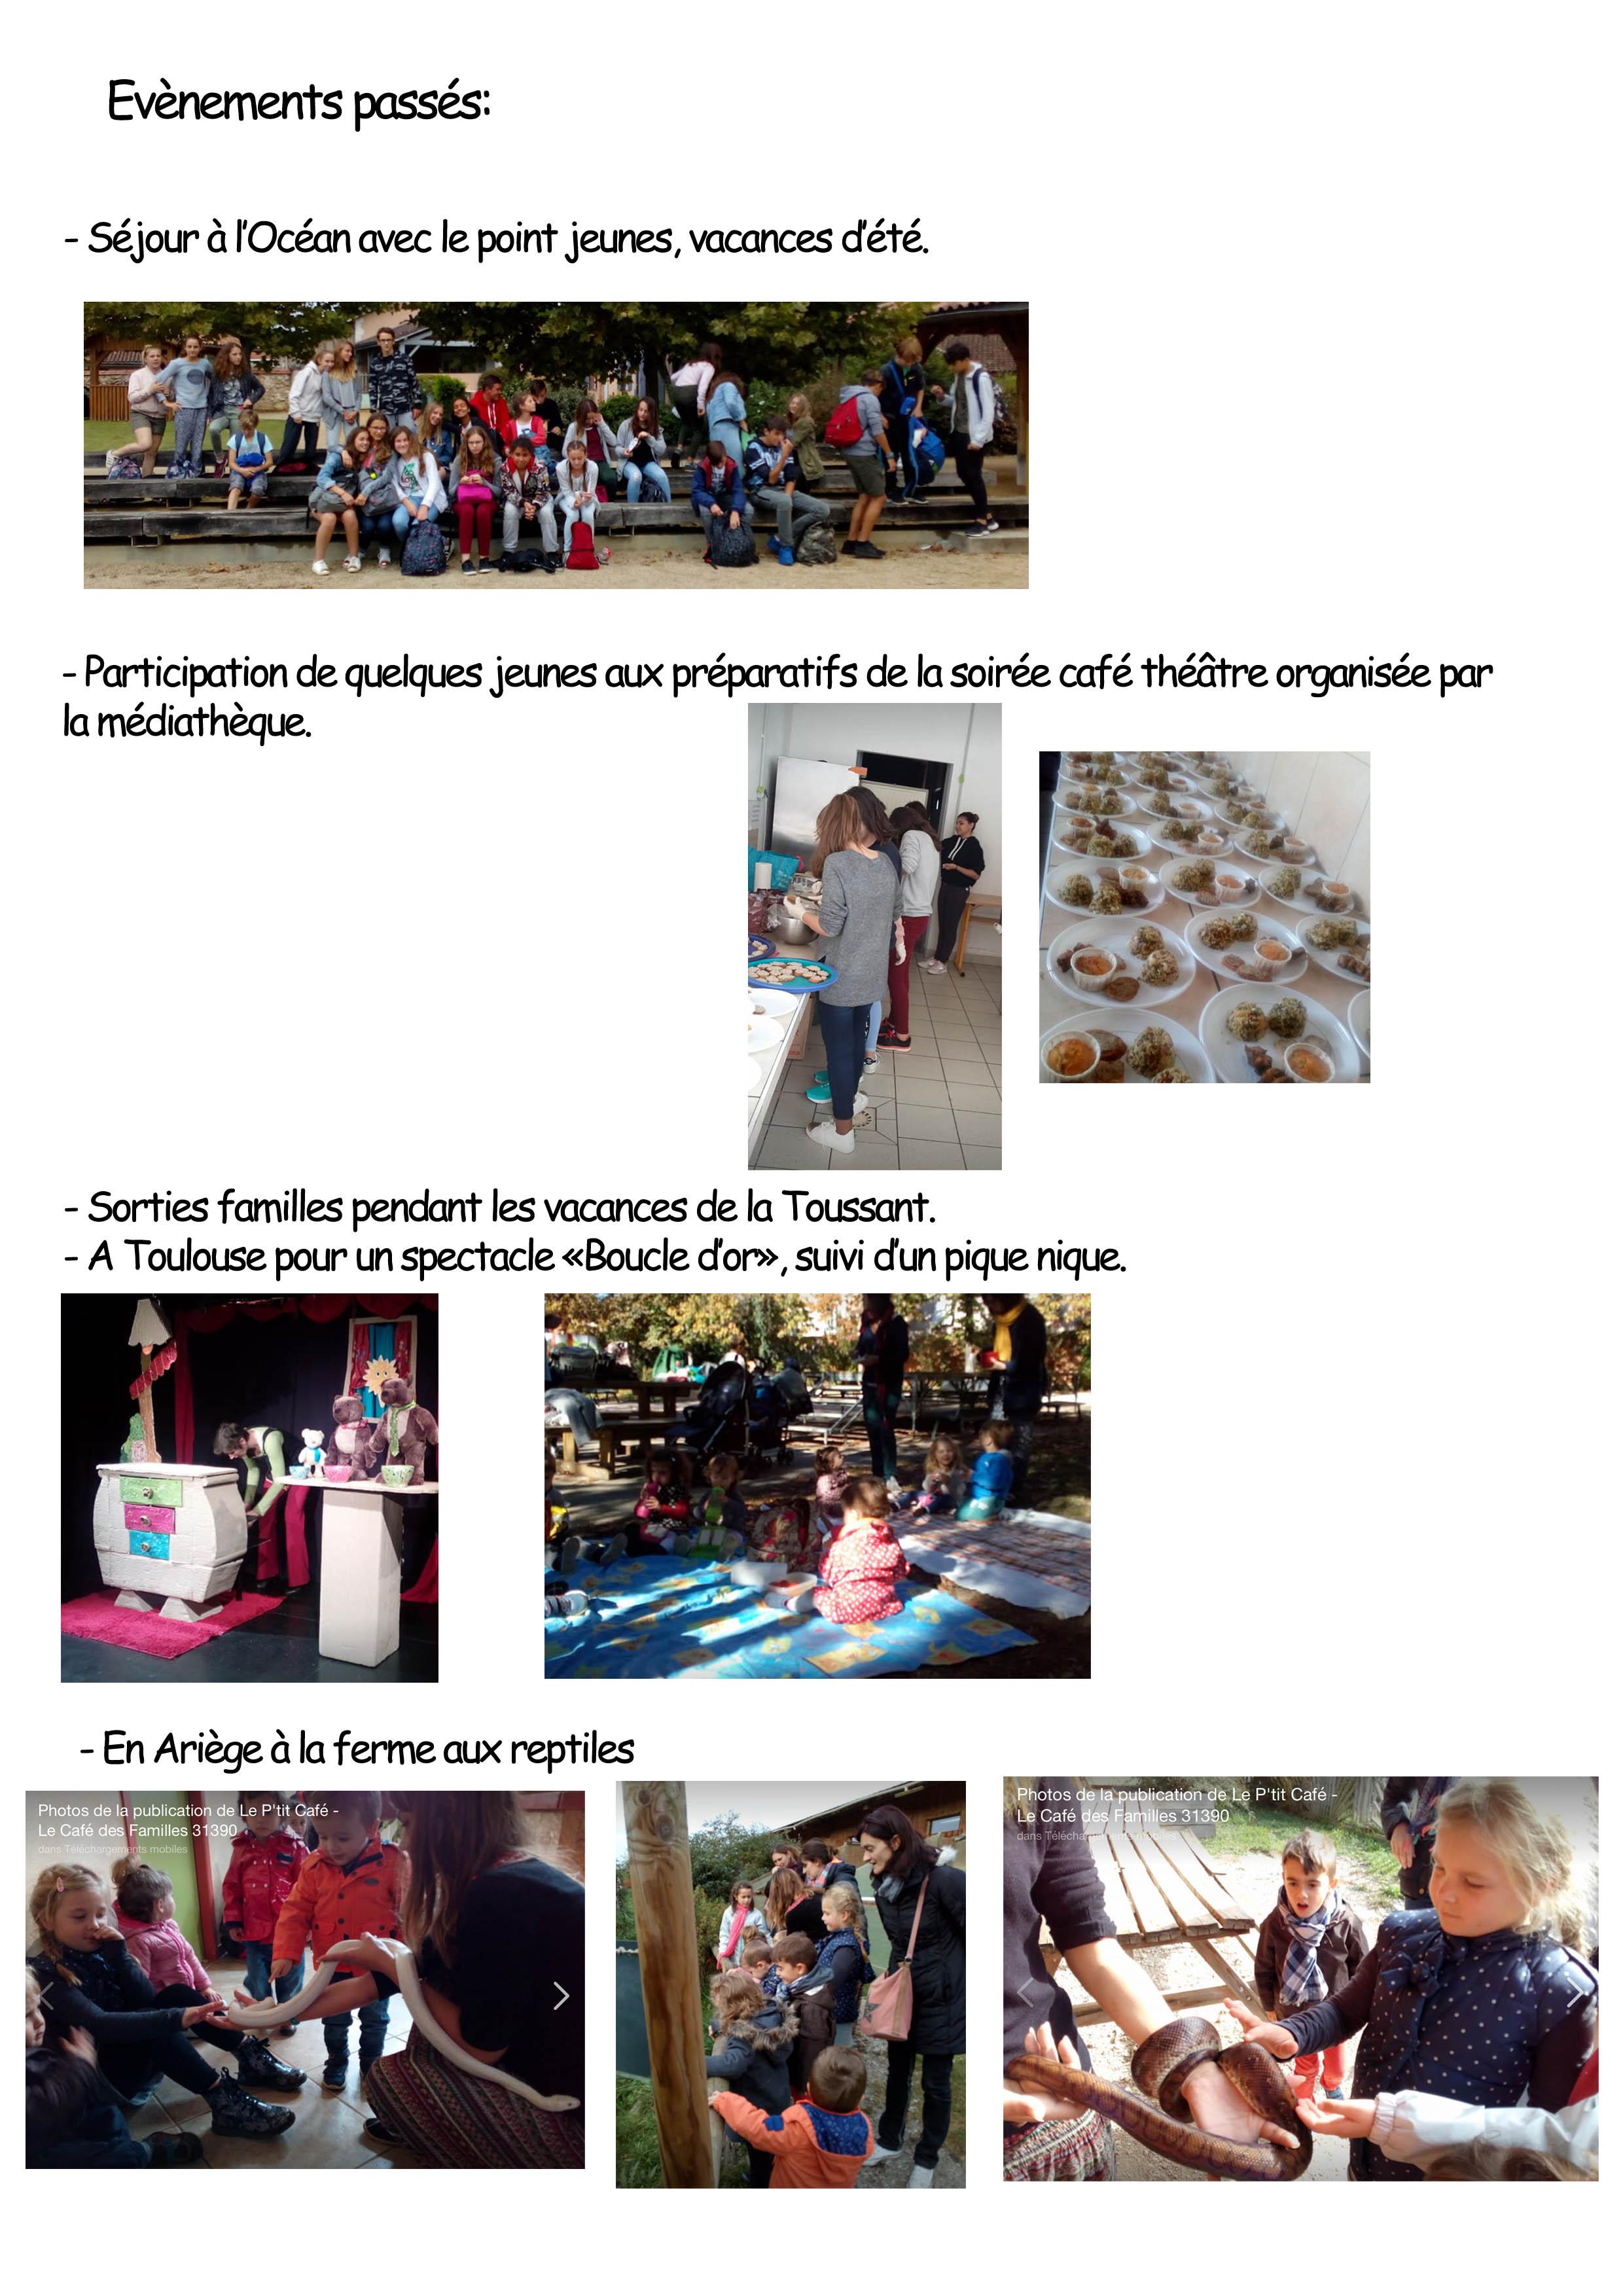 2017 EVS Point Jeunes Juillet-Décembre 1.jpg